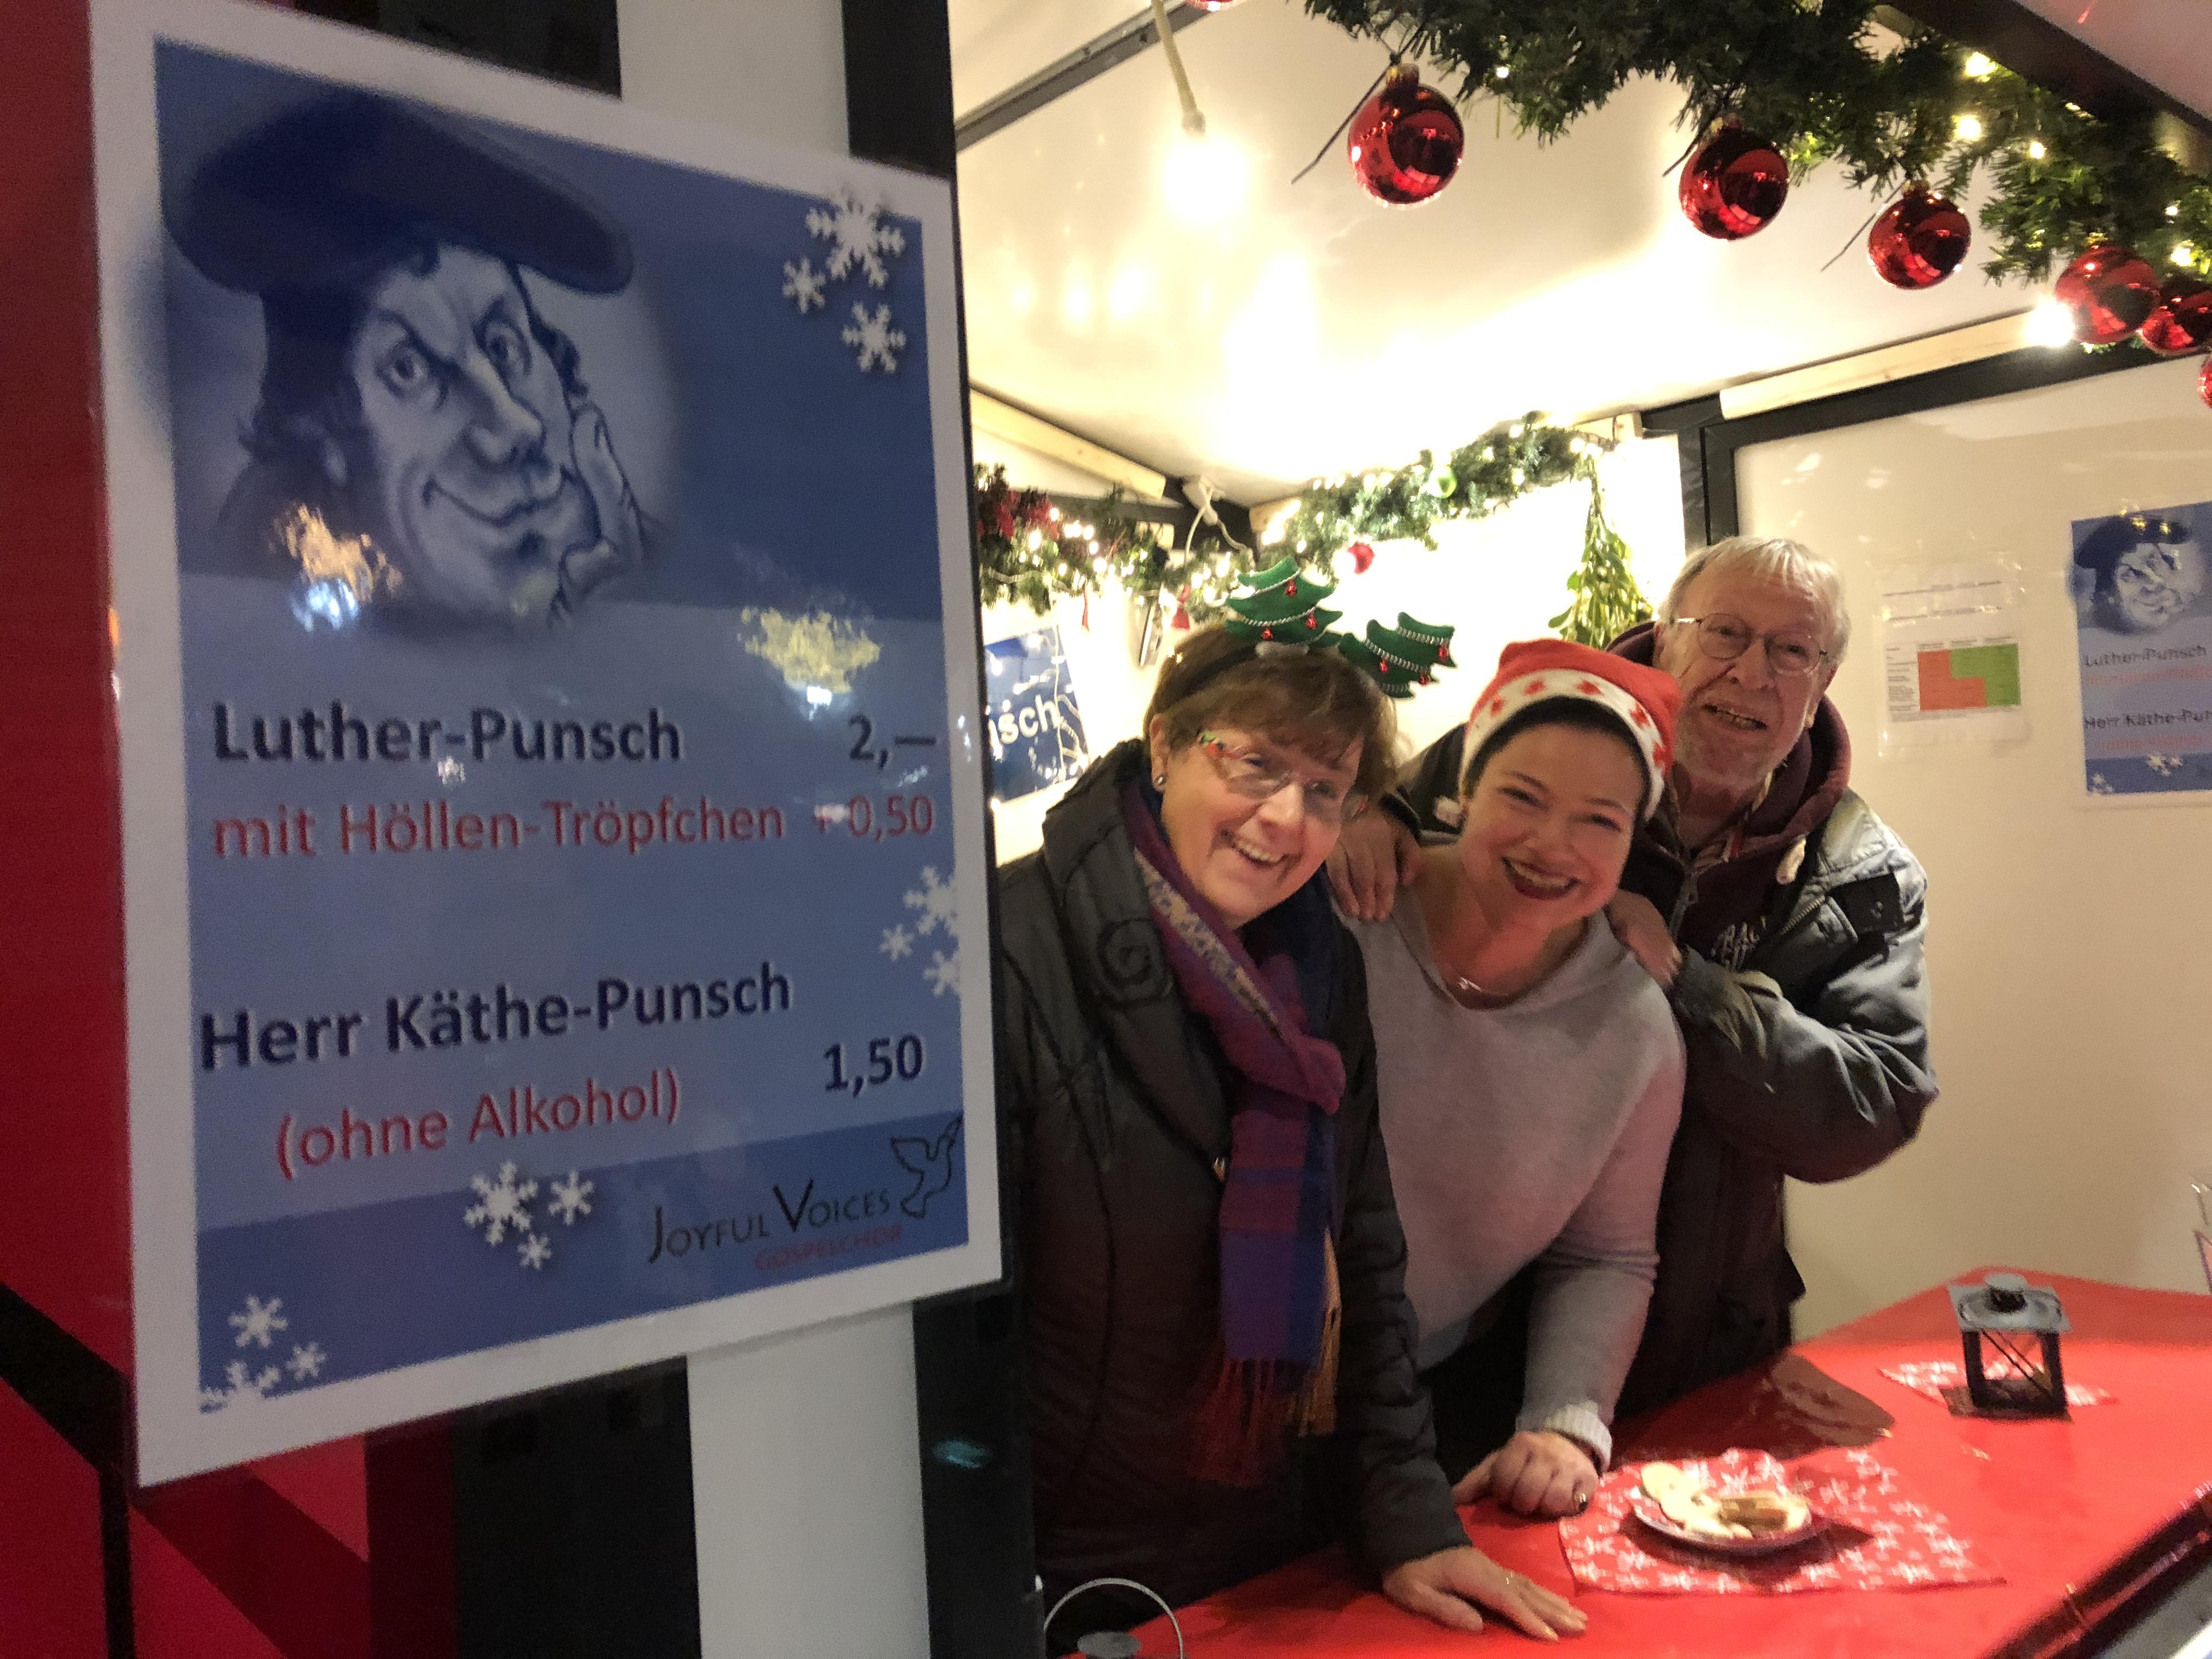 Luther-Punsch auf dem Weihnachtsmarkt